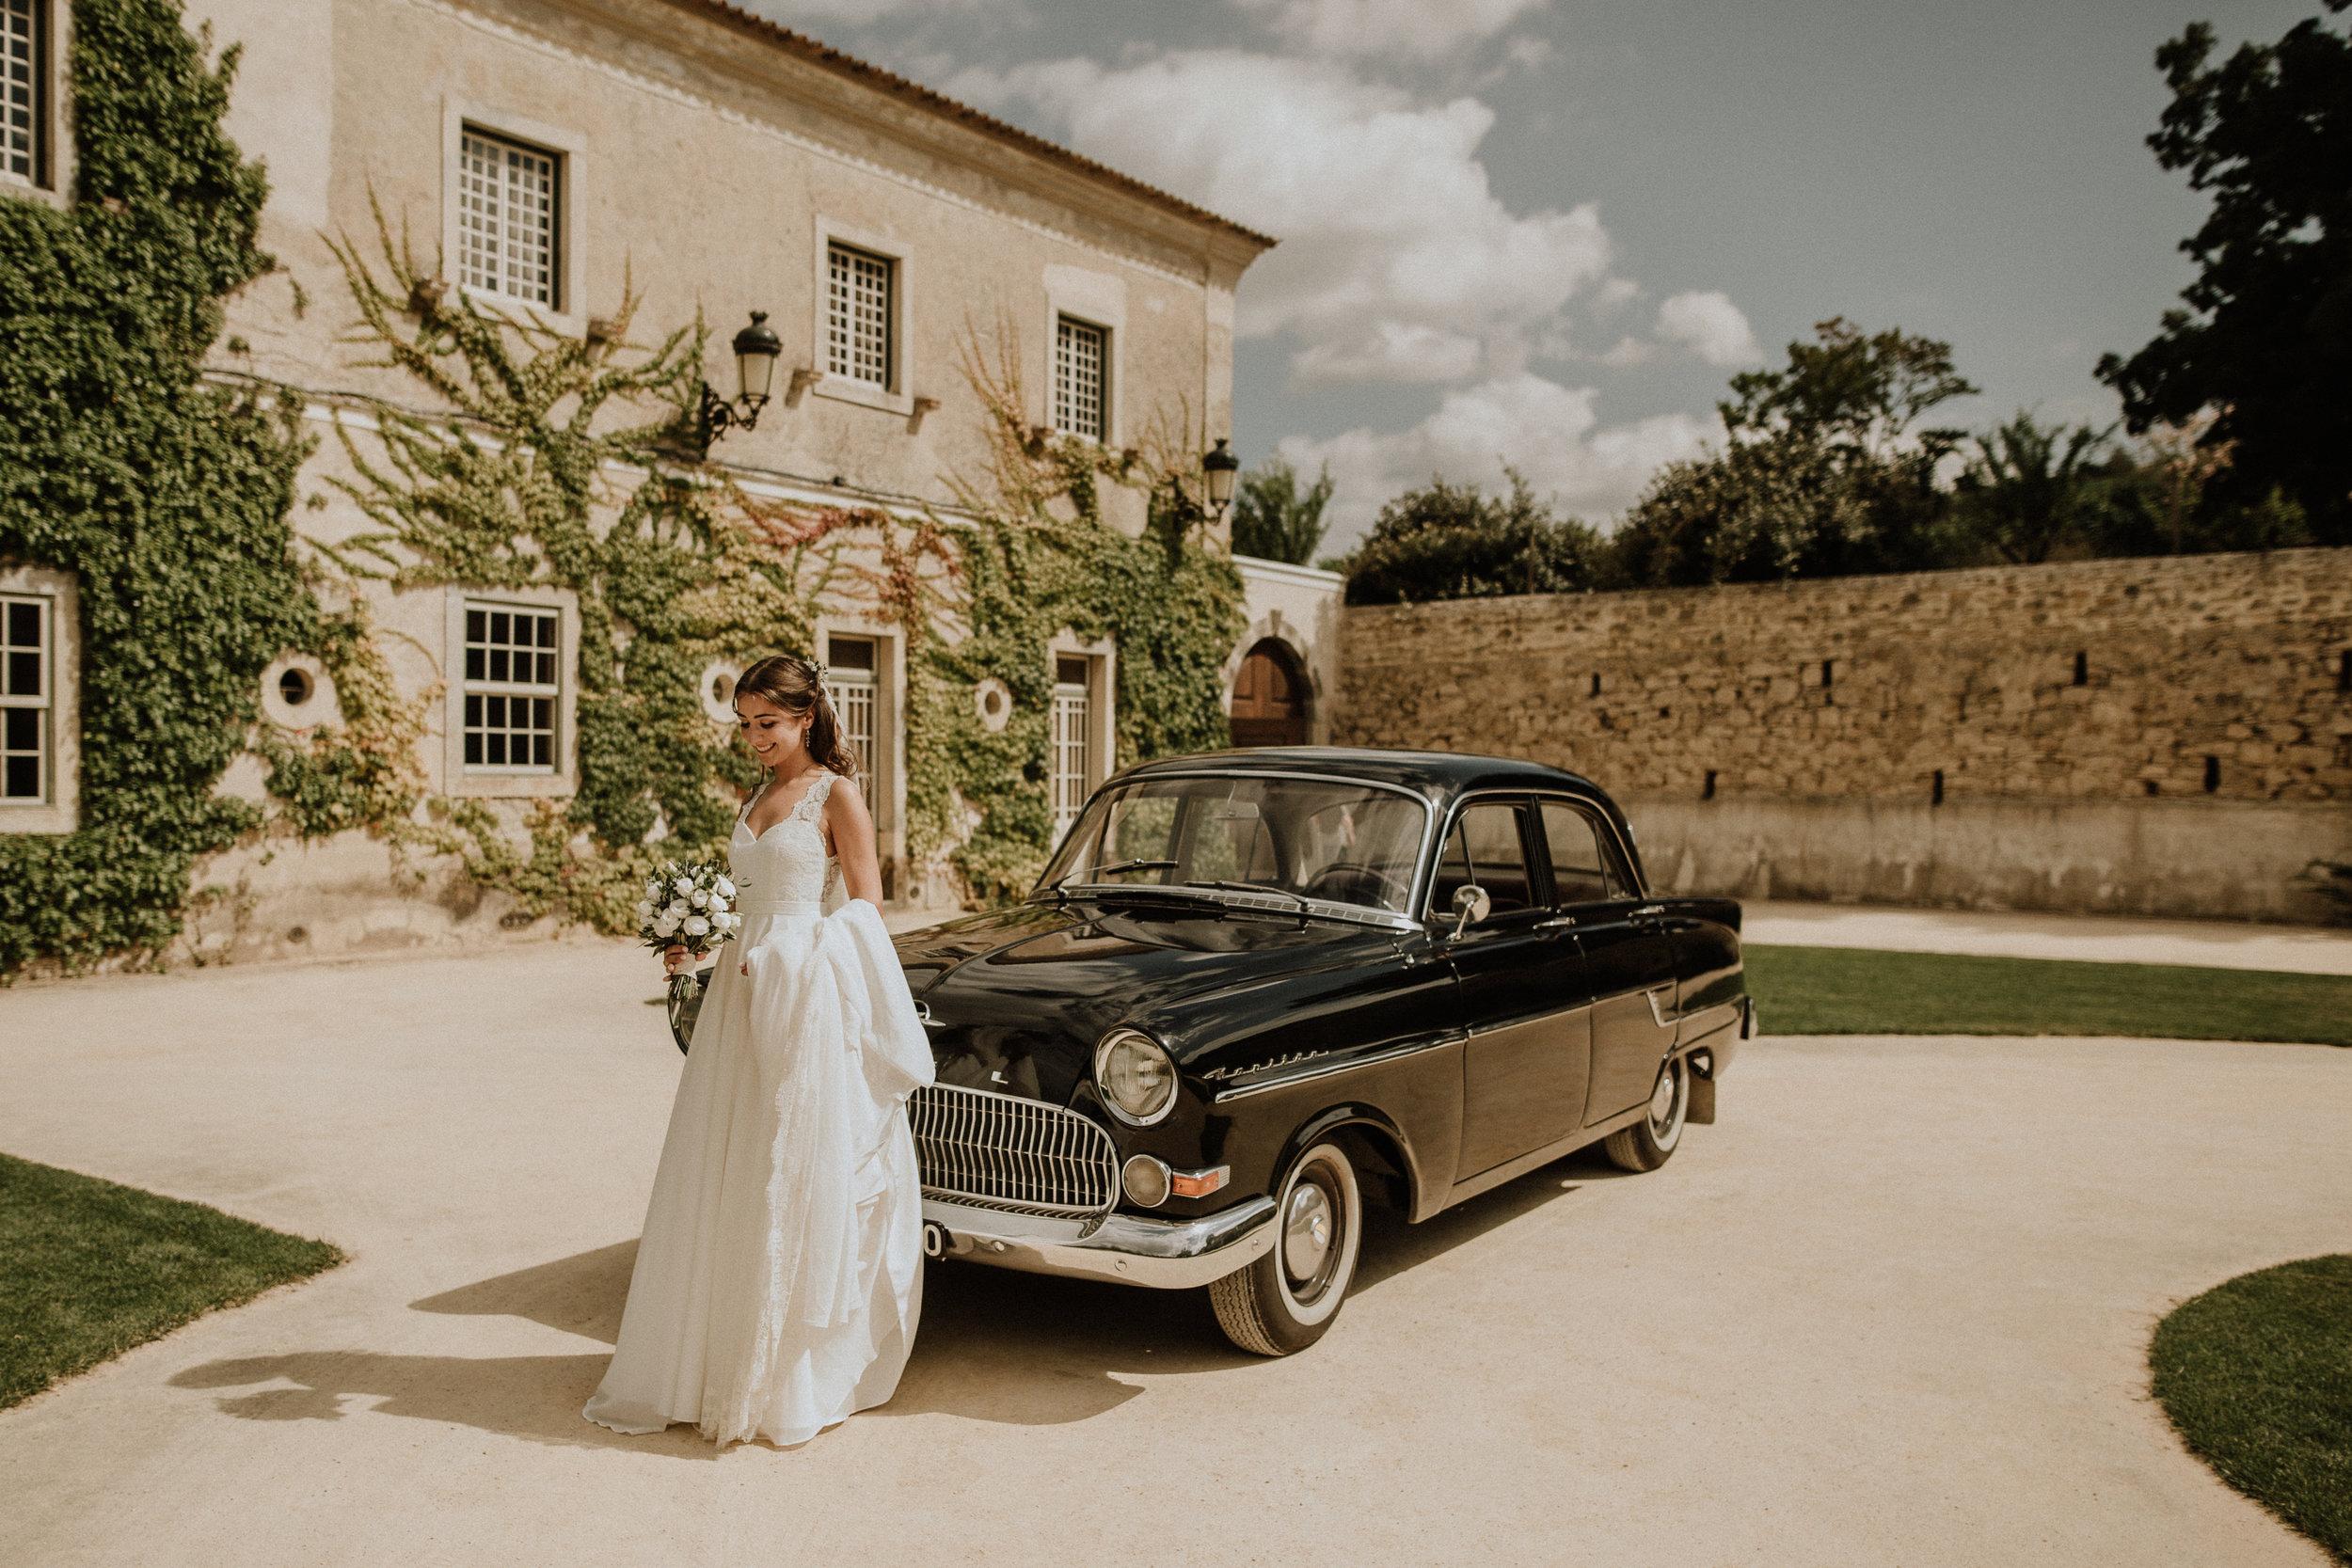 I&J_232_ 14_julho_2018 WEDDING DAY.jpg